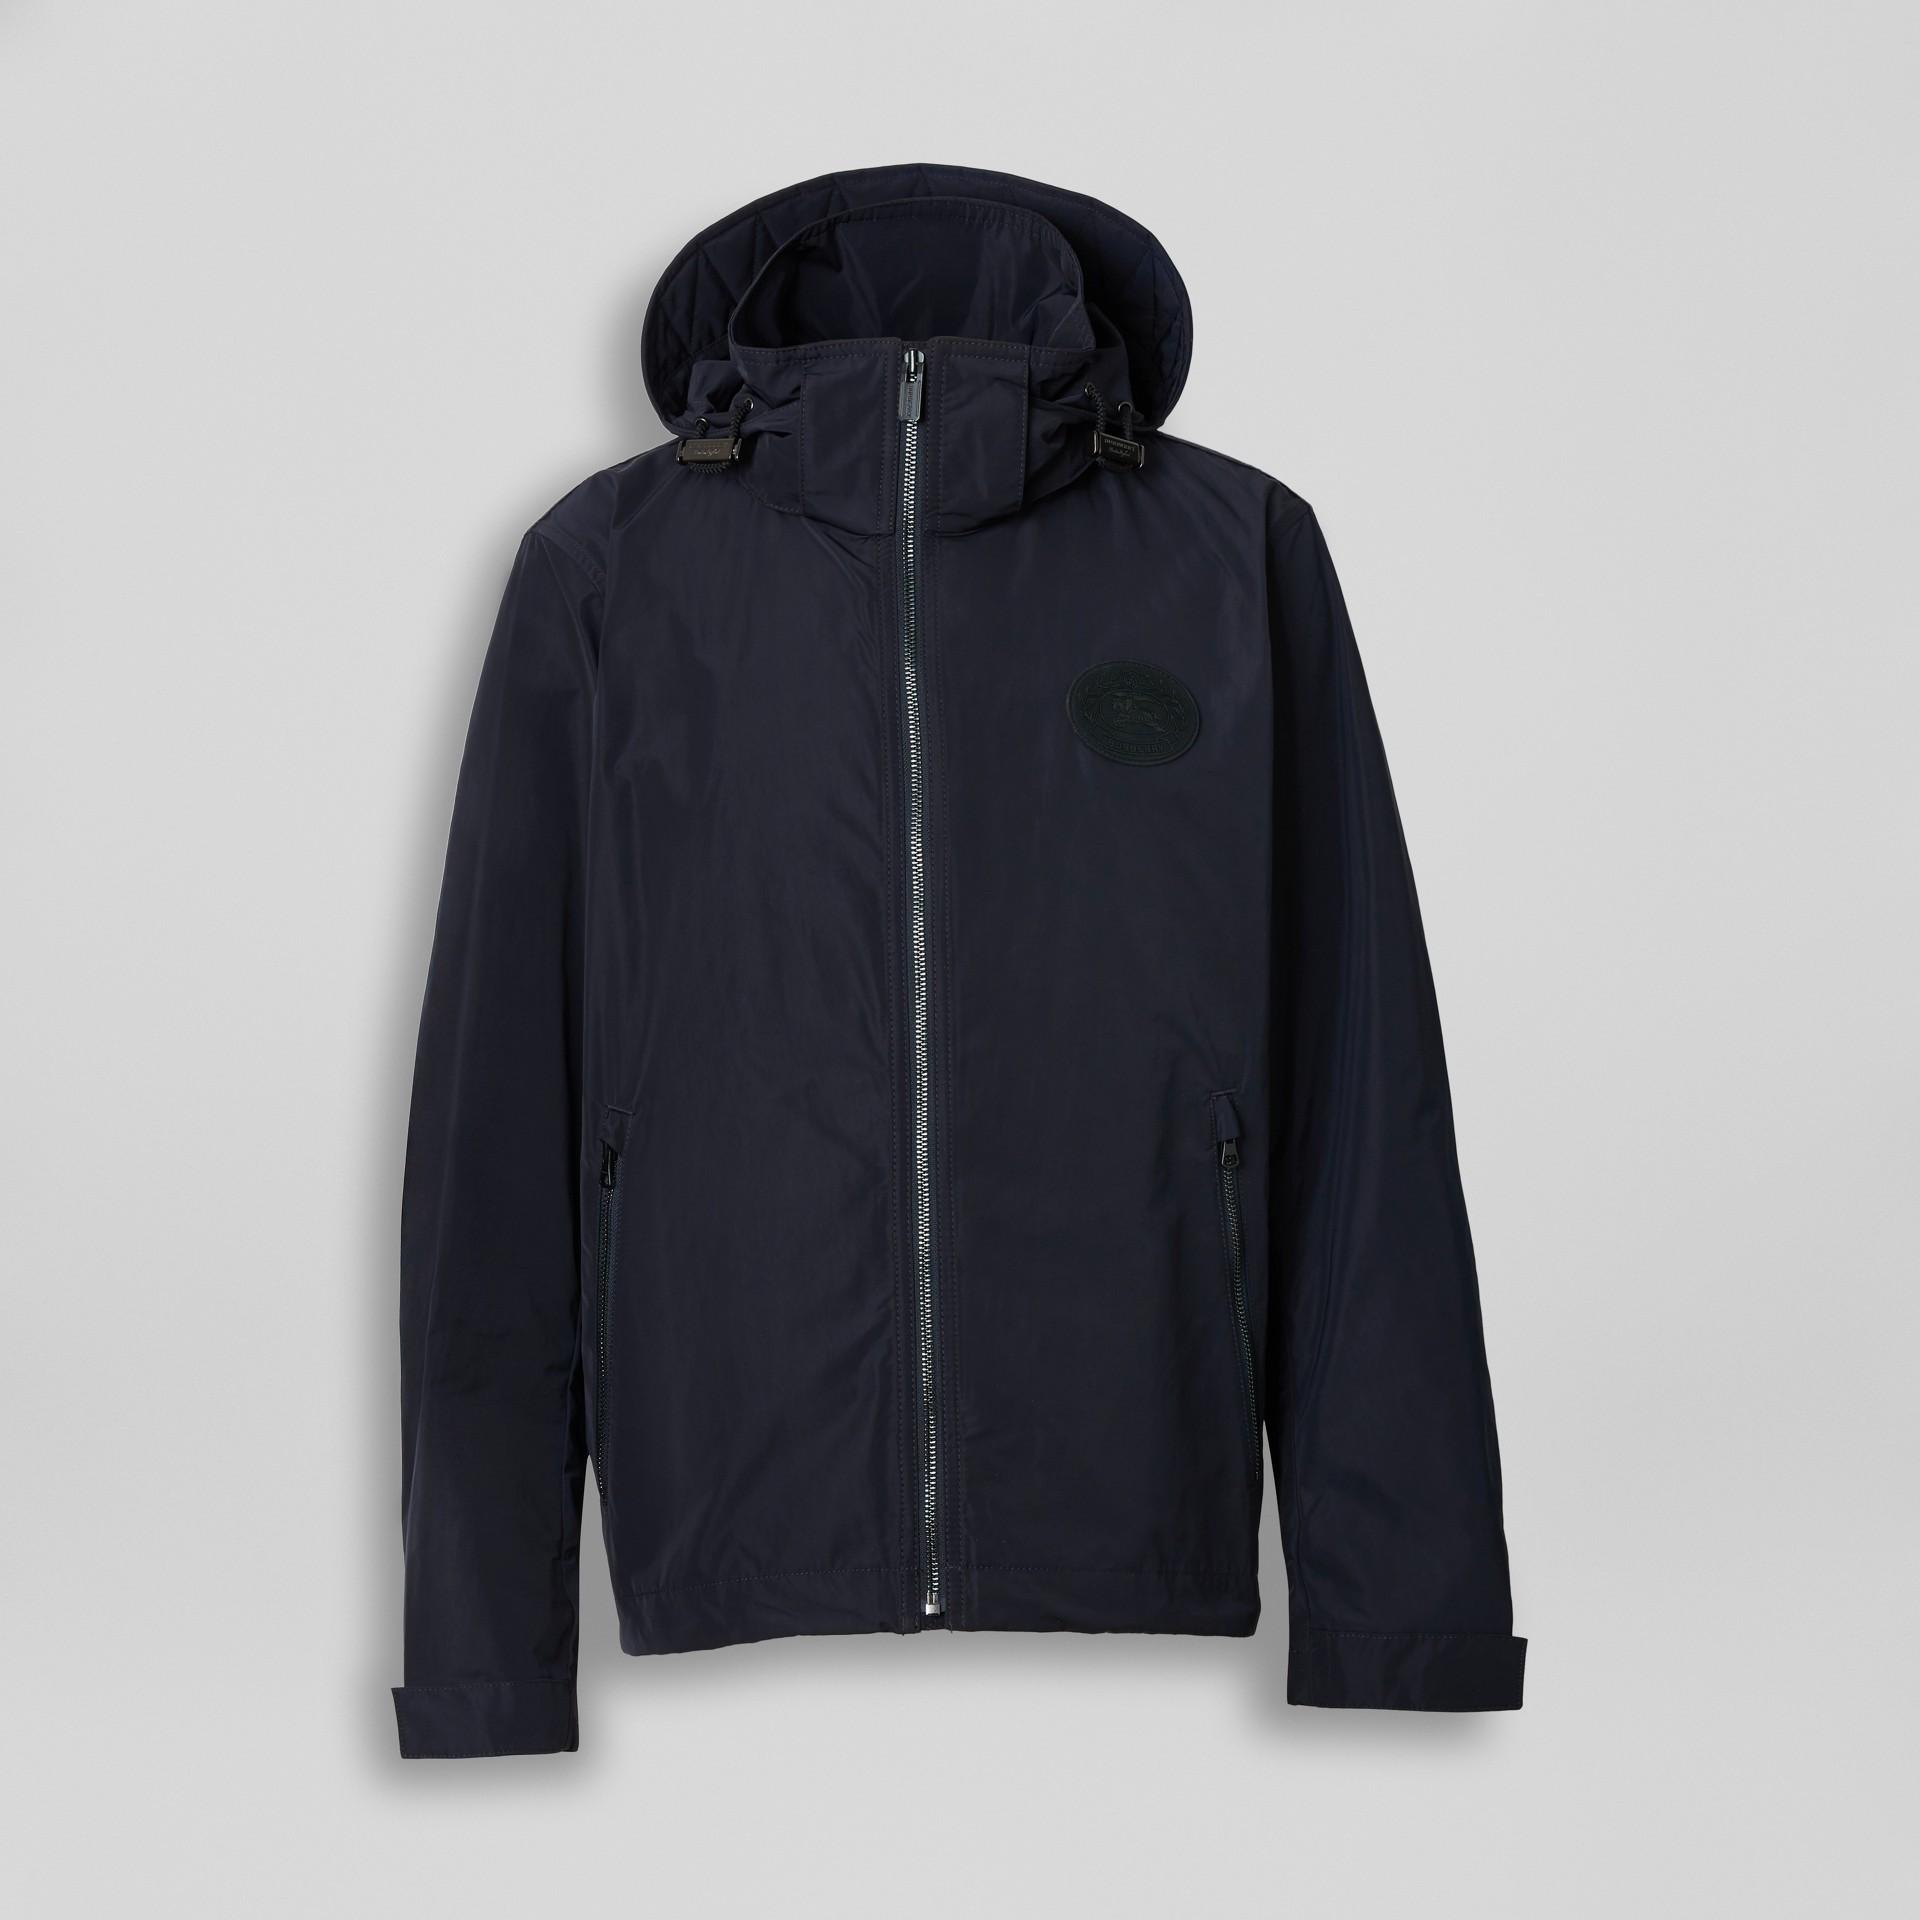 Veste en taffetas à mémoire de forme avec capuche repliable (Encre) - Homme | Burberry - photo de la galerie 2